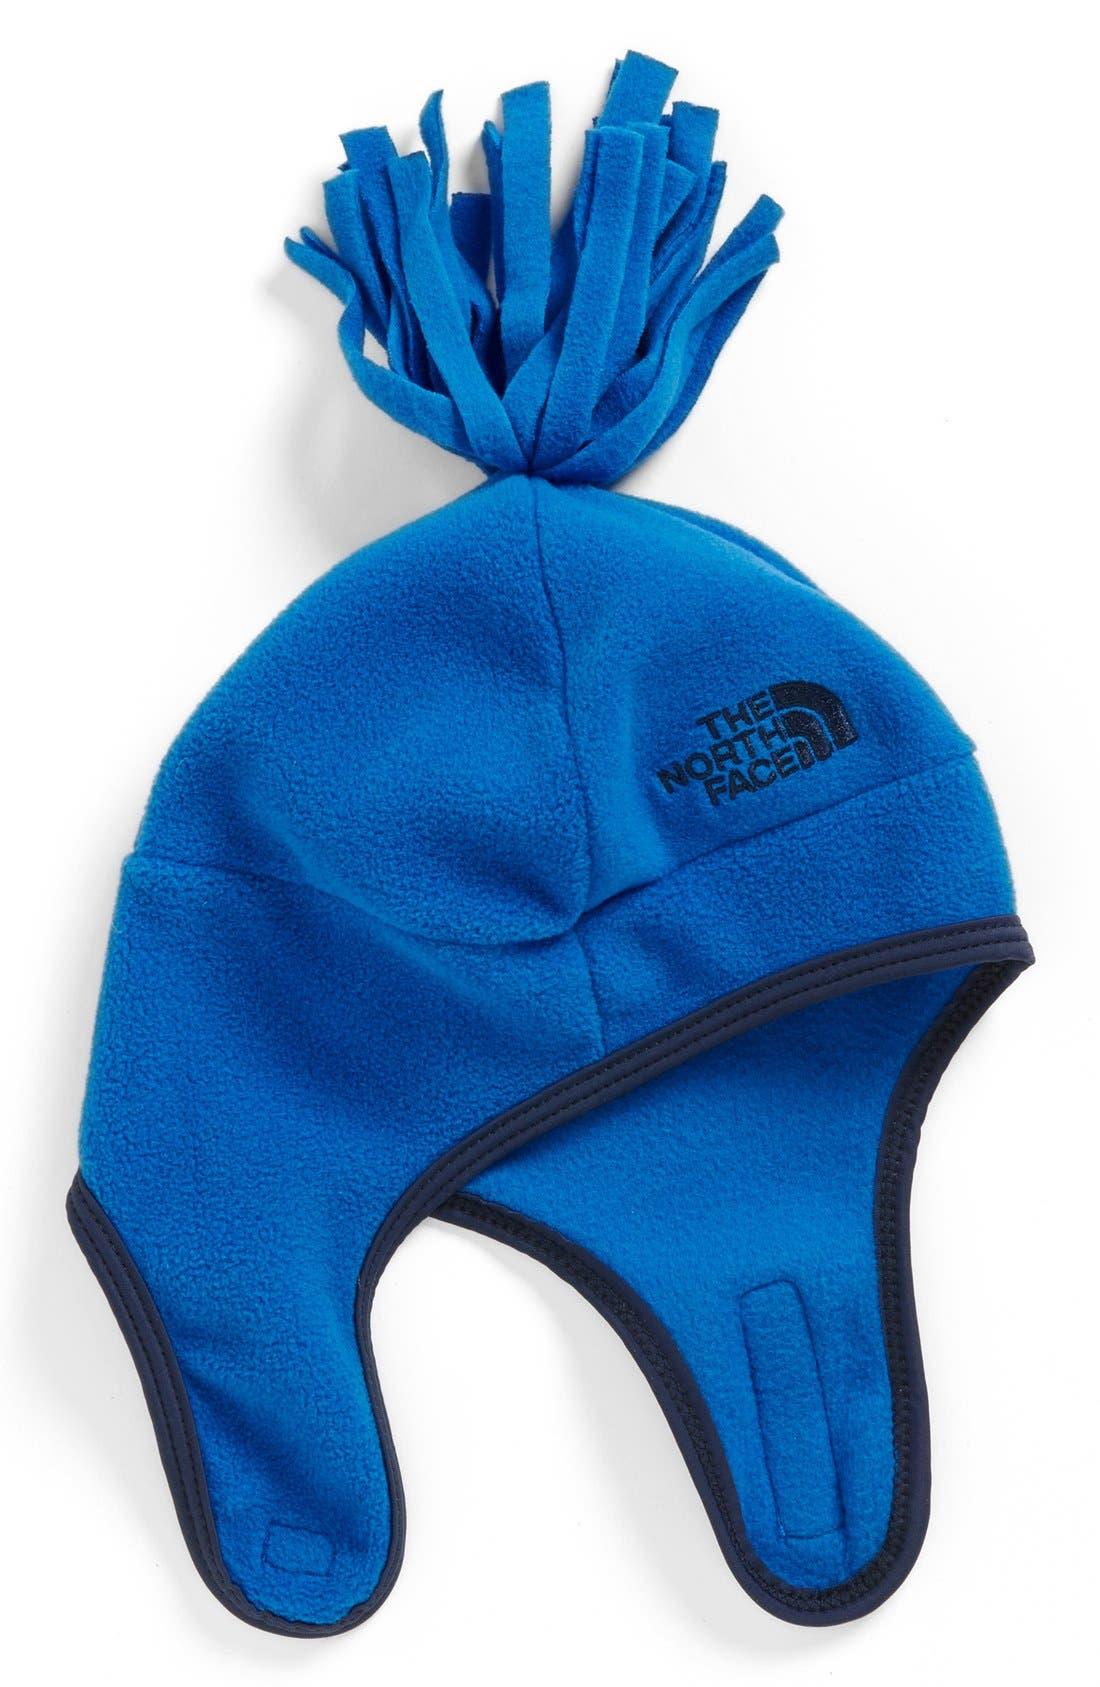 Alternate Image 1 Selected - The North Face 'Noggin' Polartec® Fleece Hat (Baby Boys)